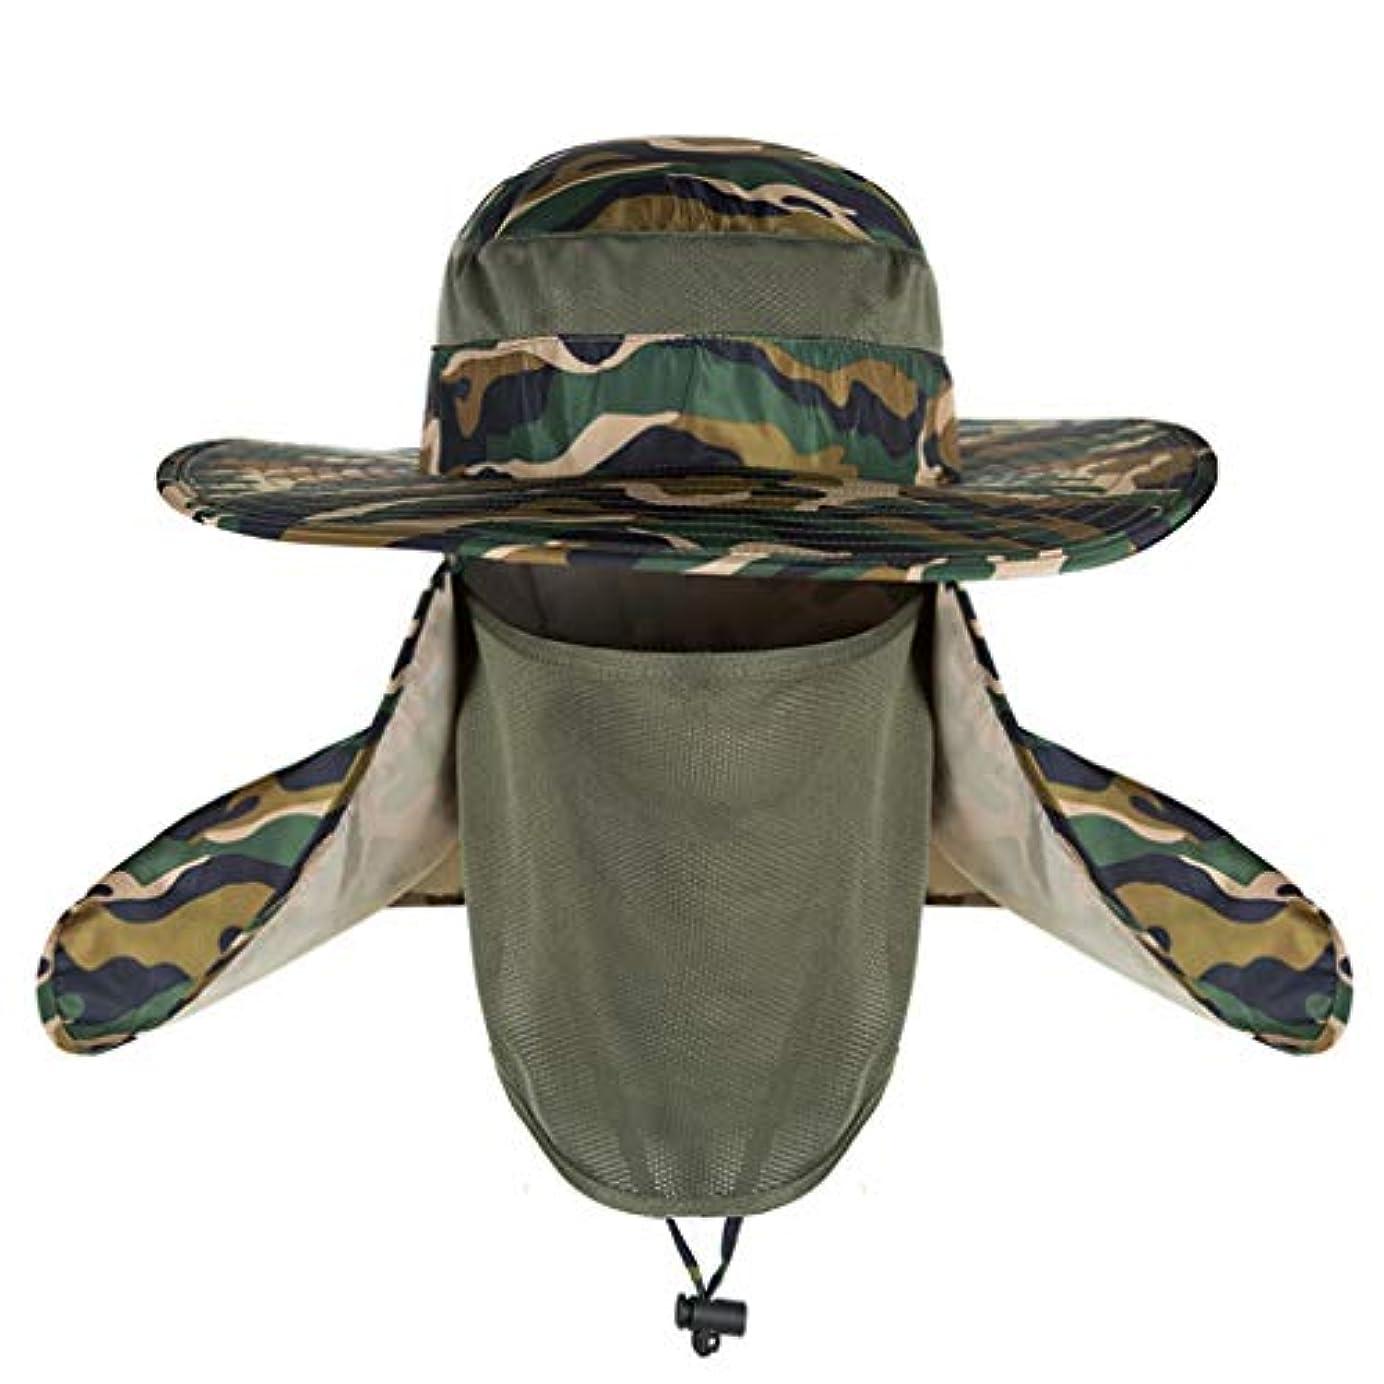 クラッチうんざり国民FGSS レディース アウトドア UV 日焼け防止 釣りキャップ 取り外し可能 ブーニーハット